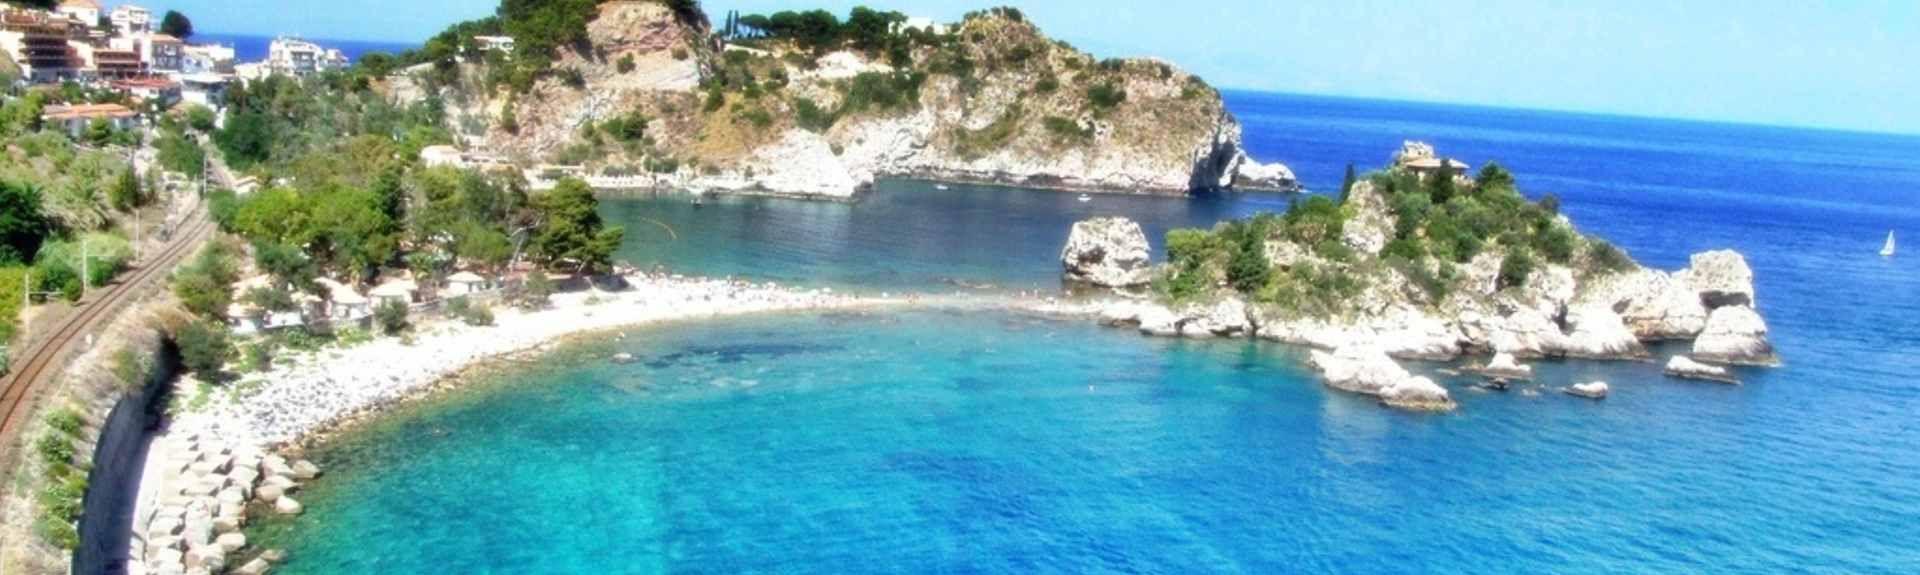 Castroreale, Sicilië, Italië